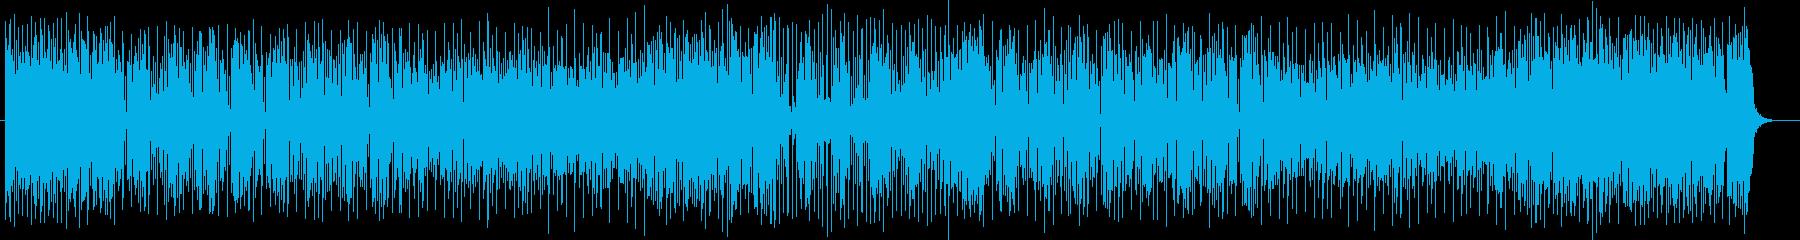 軽快でにぎやかなシンセサイザーのポップスの再生済みの波形